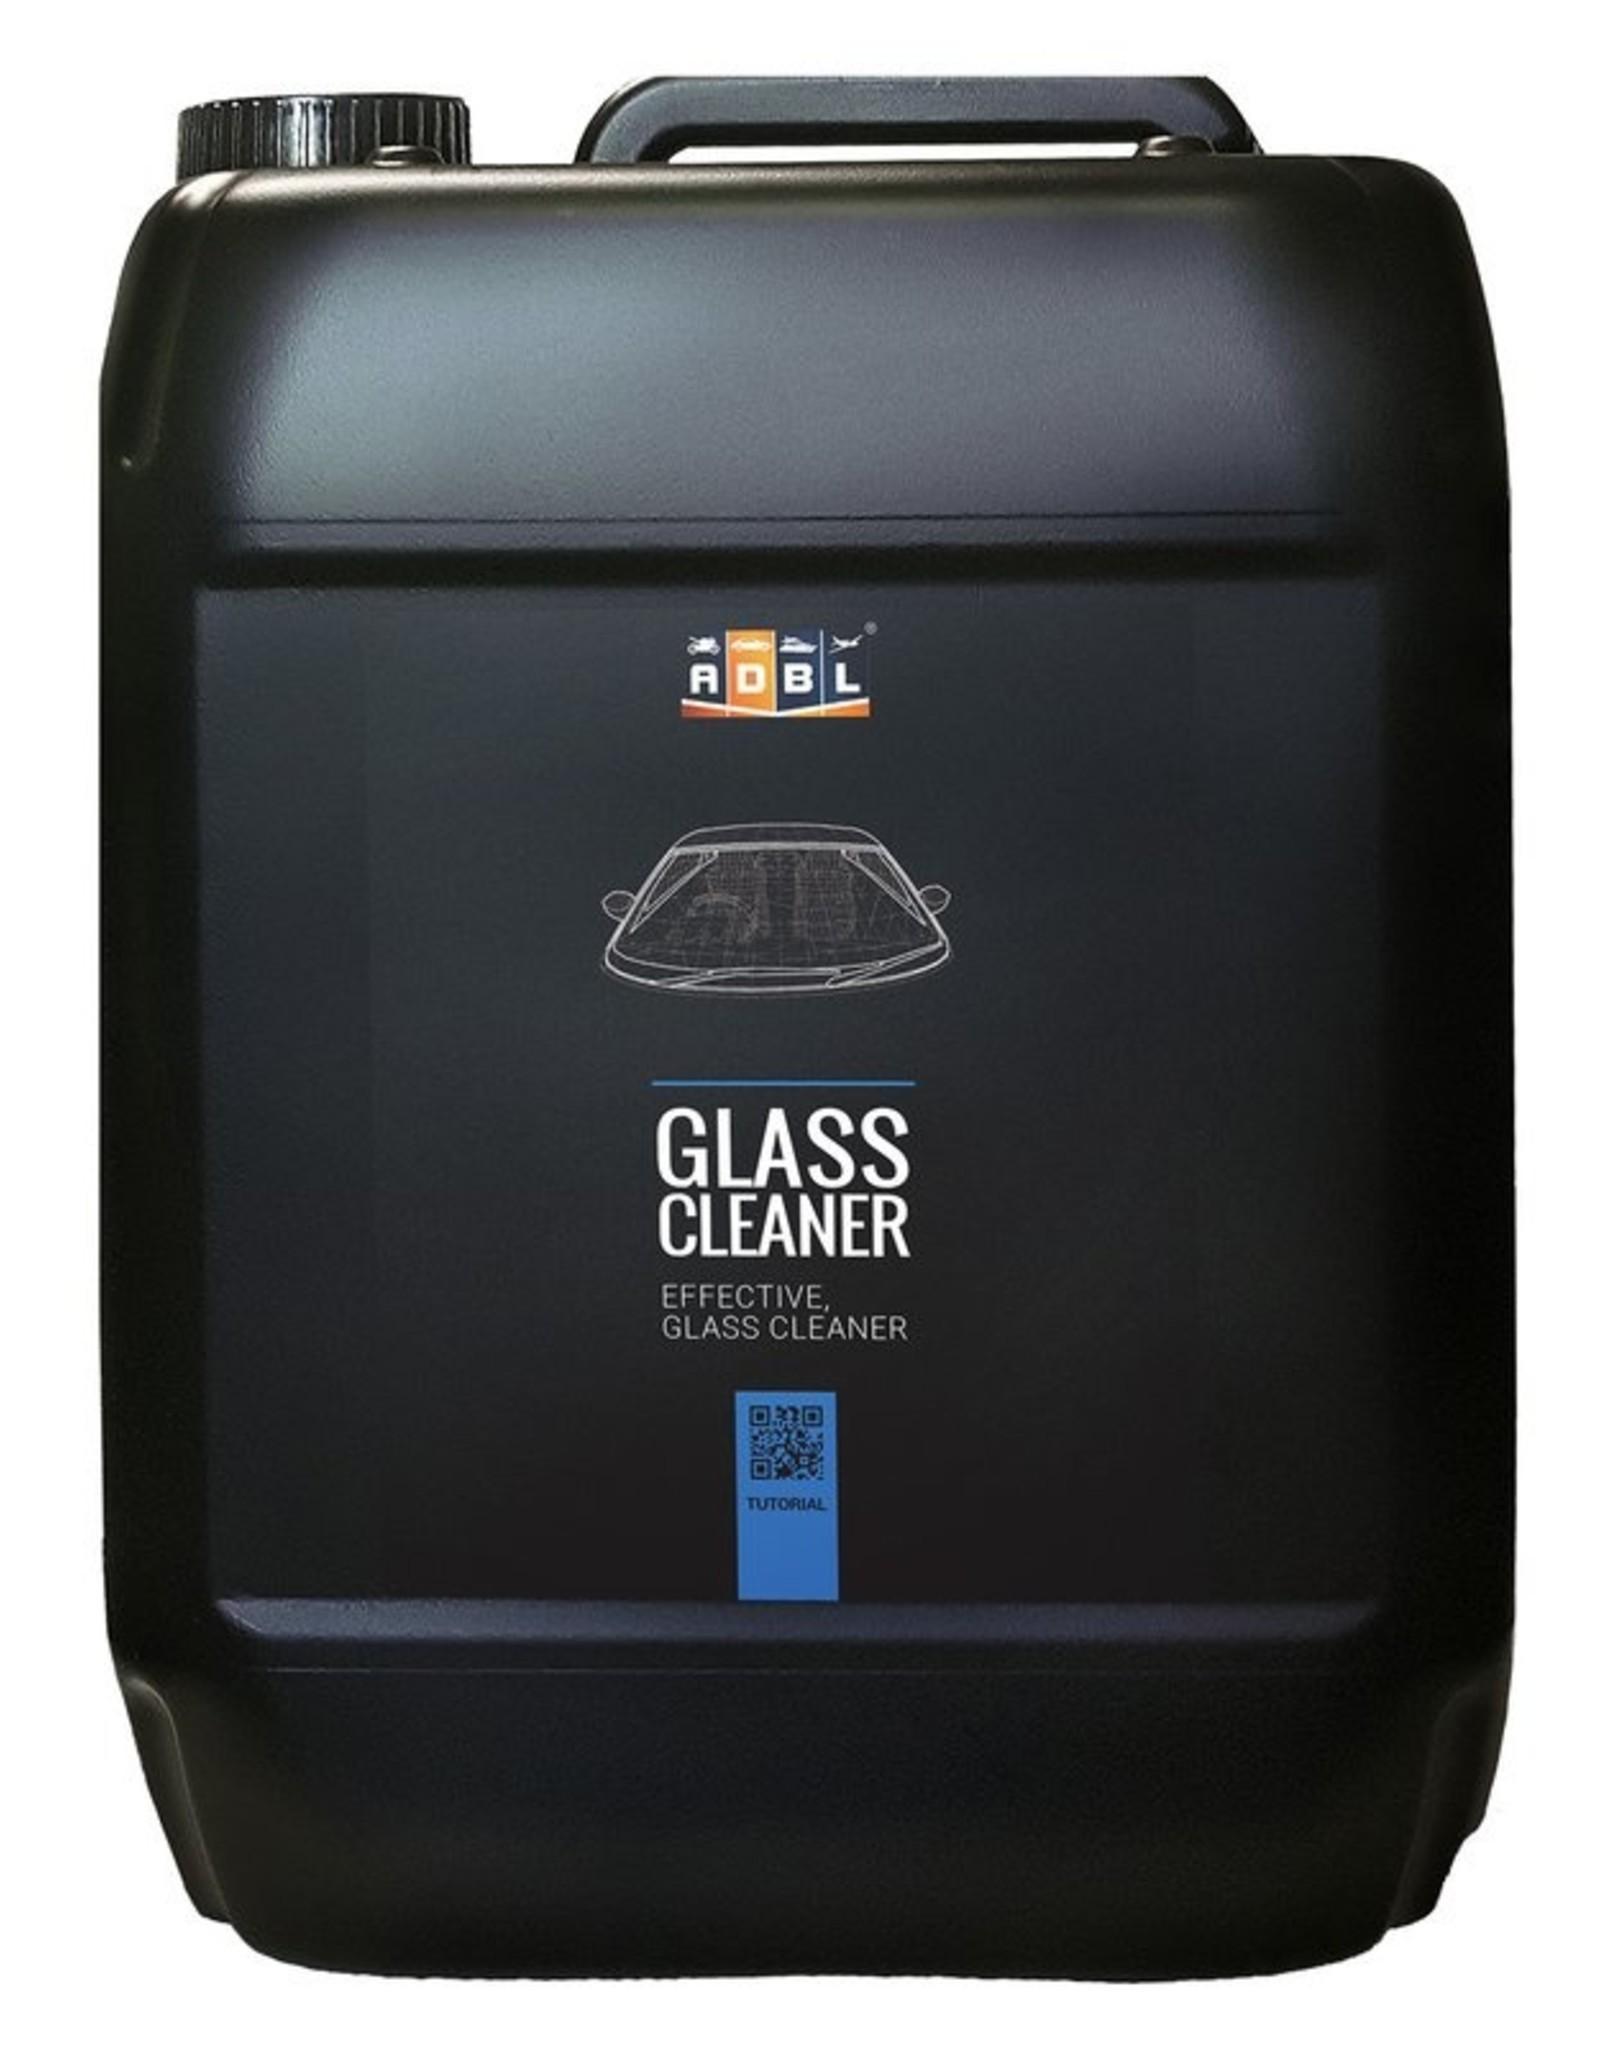 ADBL Glass Cleaner Glasreiniger 5000ml